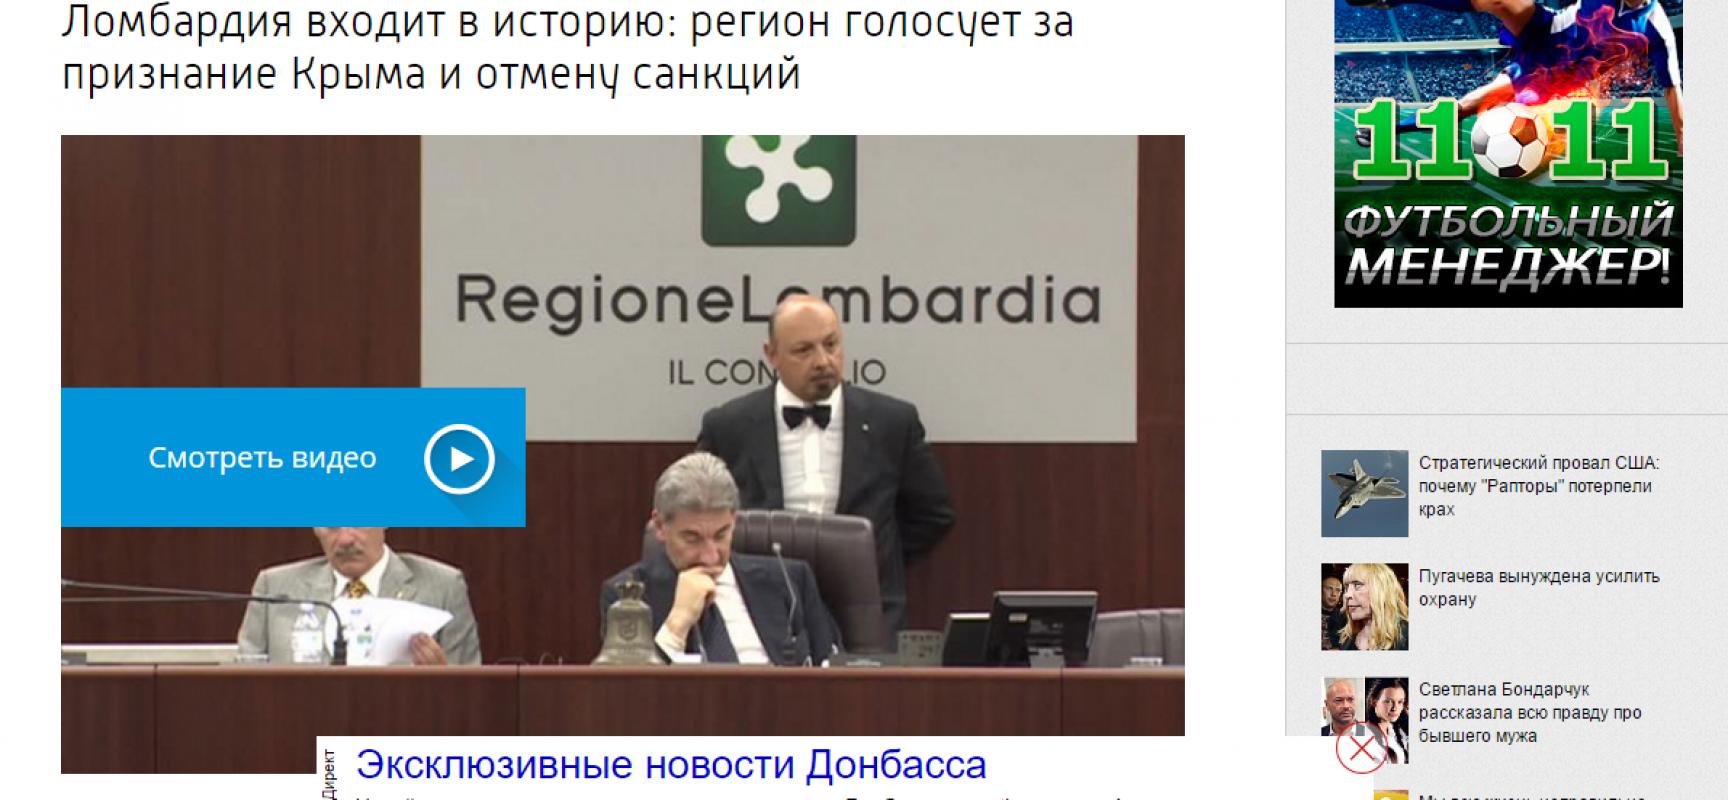 Ma Salvini è un politico italiano o russo ?